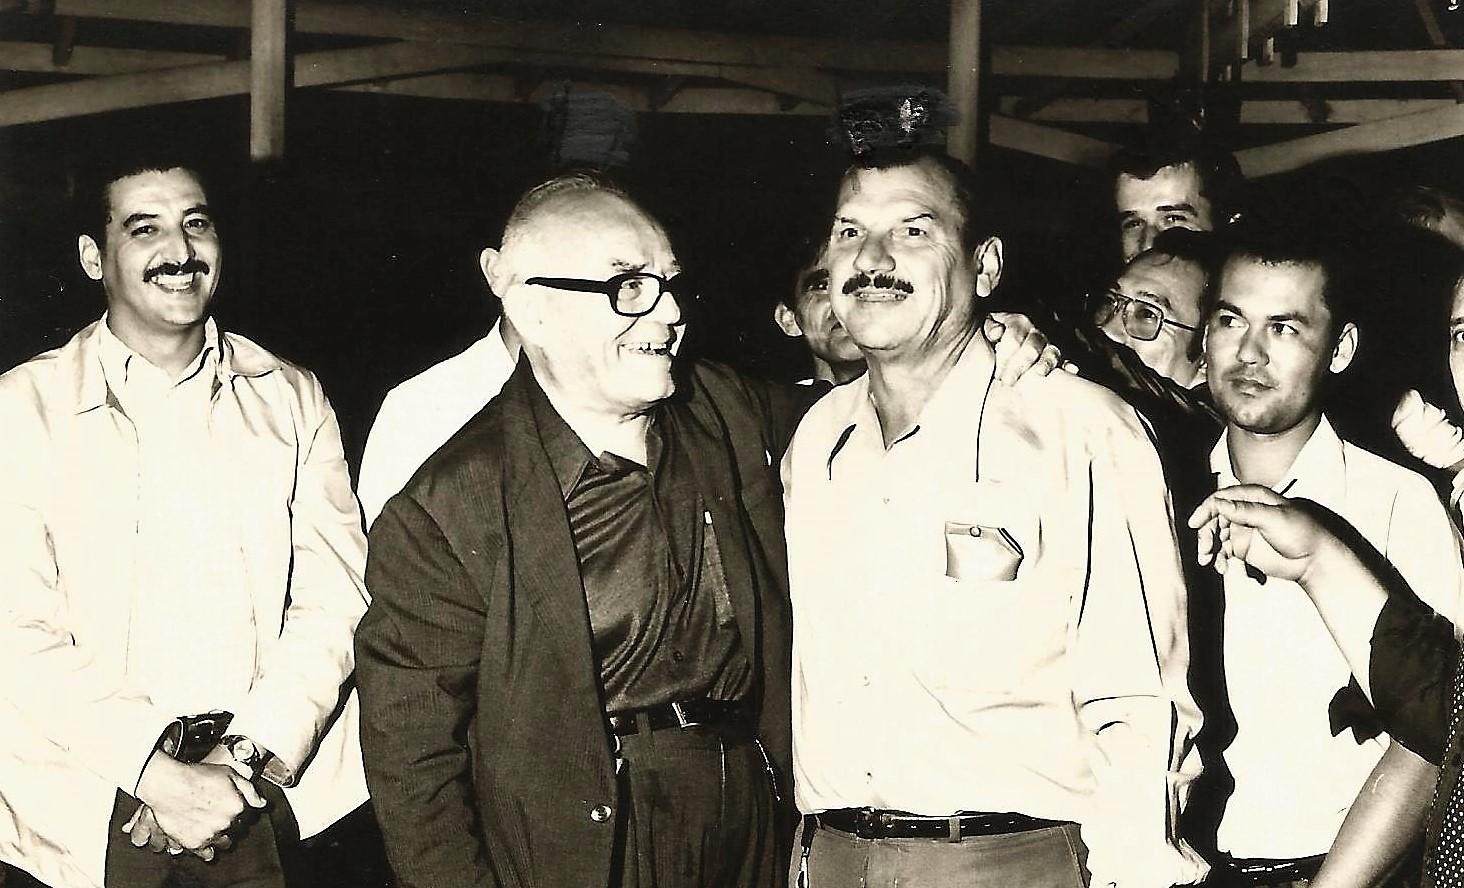 Arlindo Marquezini e Vladimir Babkov - Década de 1970